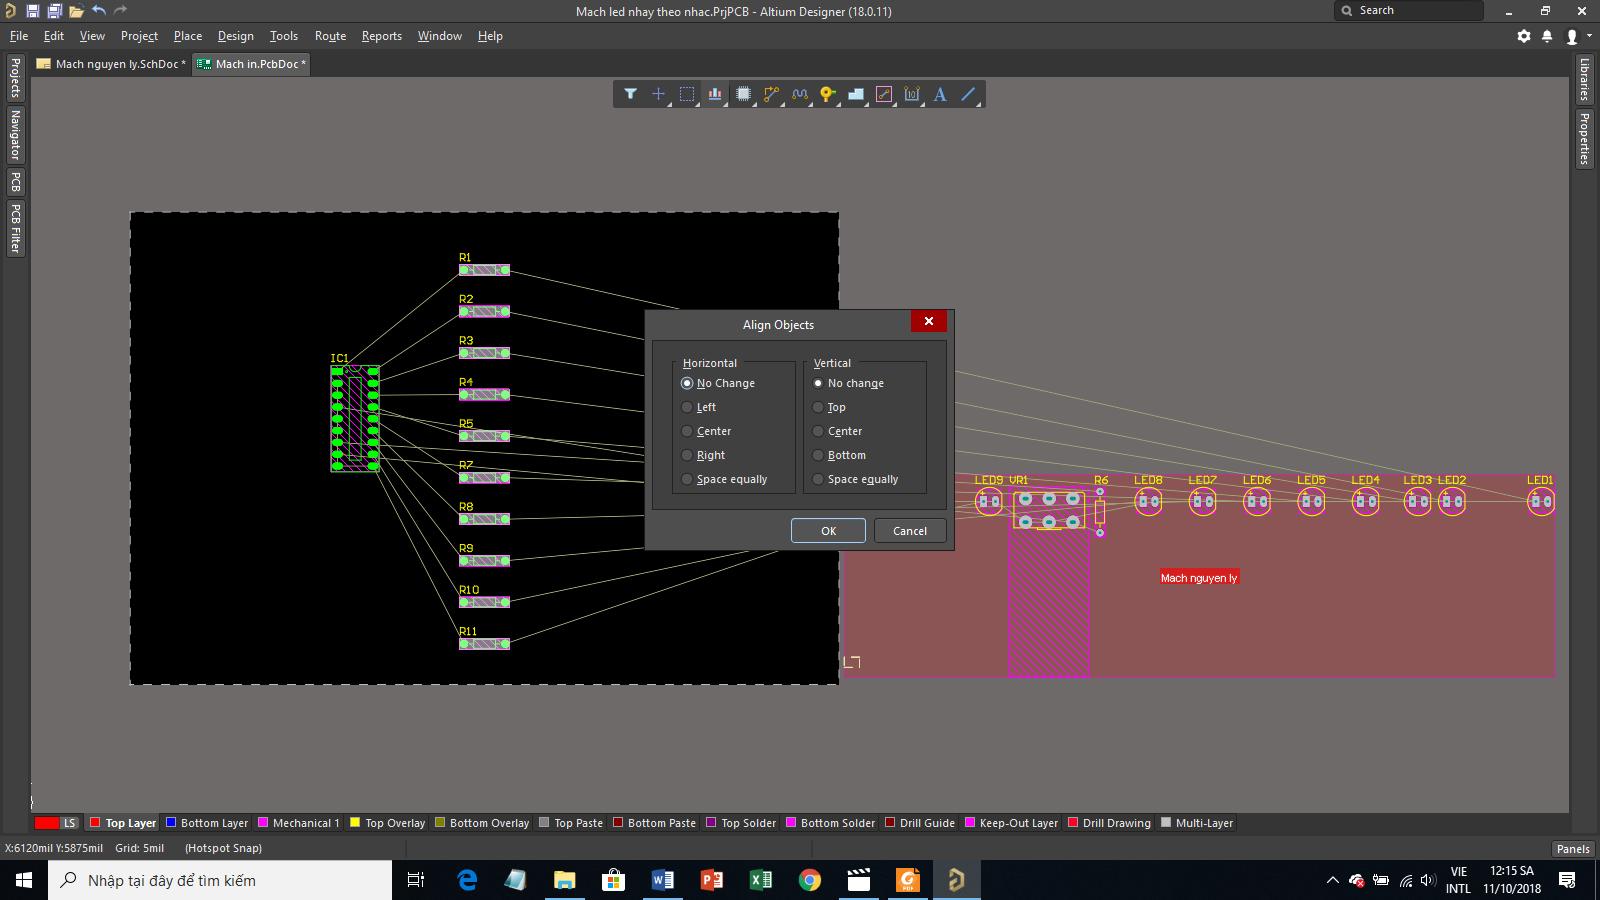 Hướng dẫn thiết kế Mạch nháy theo nhạc bằng Altium Designer (P2)